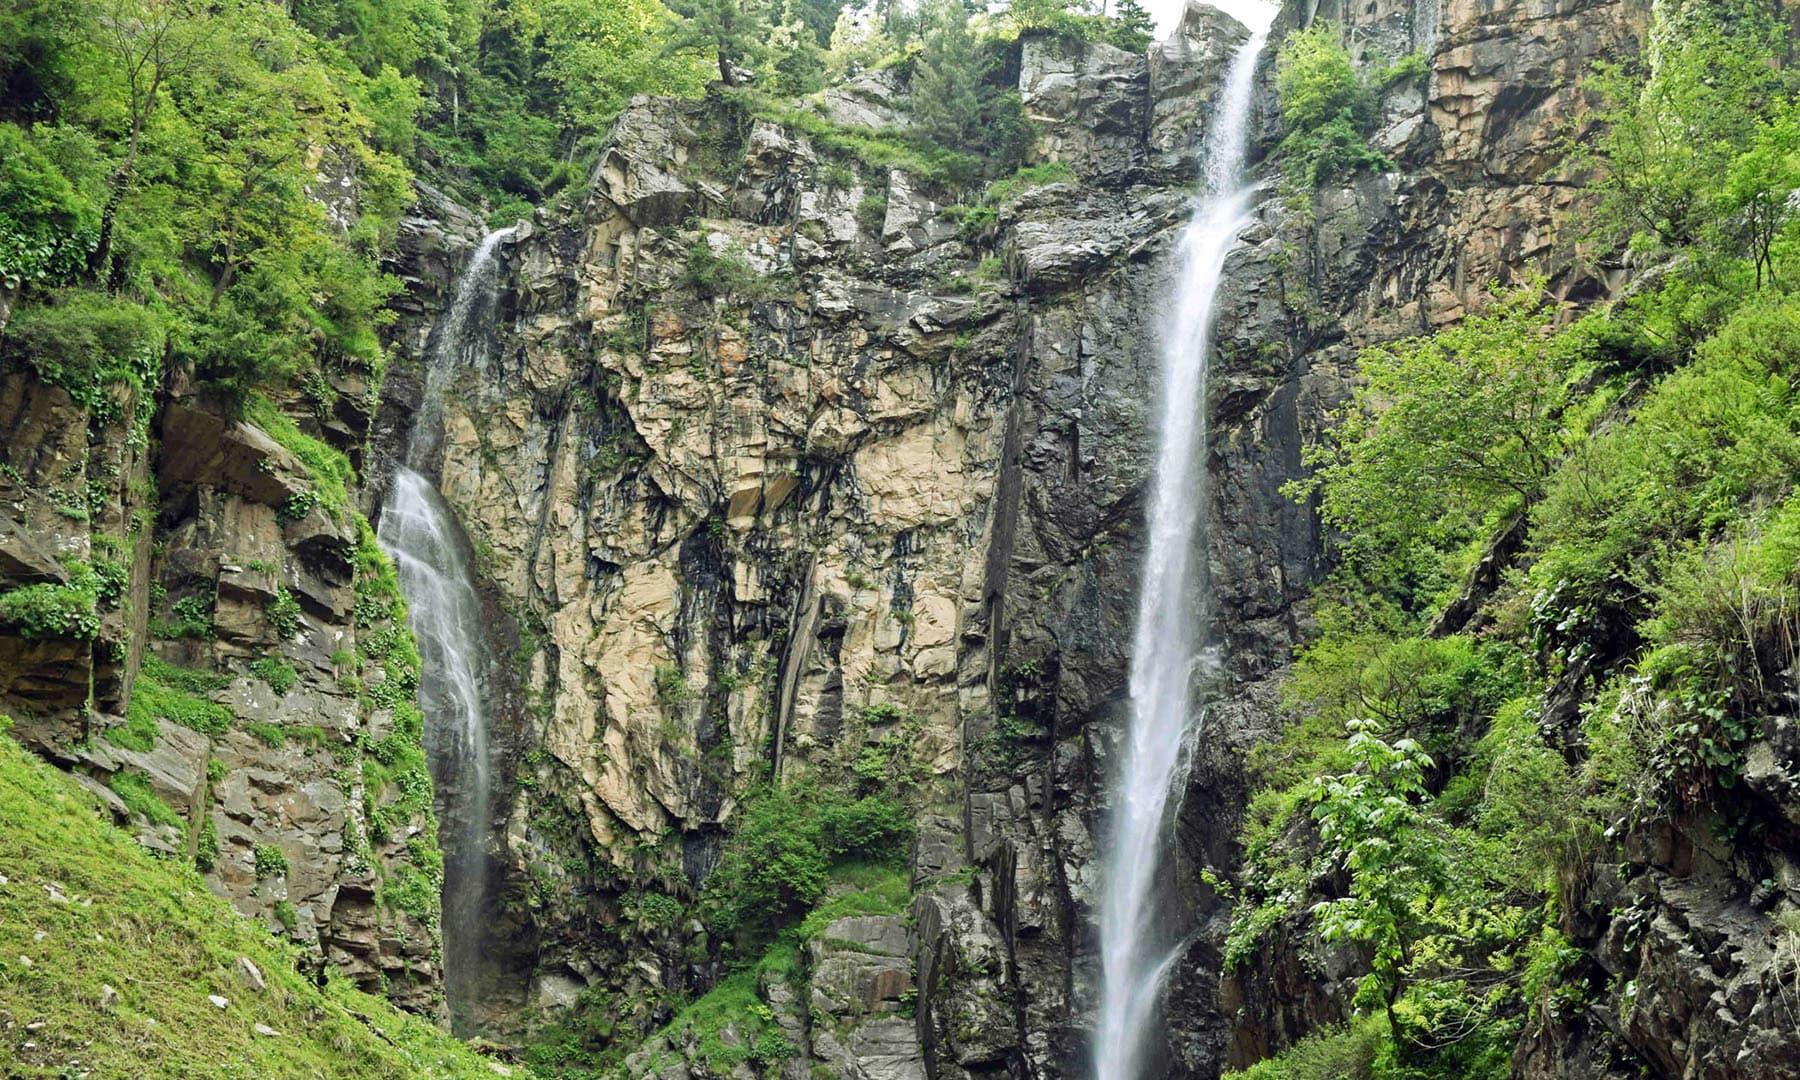 جادوئی آبشار جاروگو— تصویر امجد علی سحاب